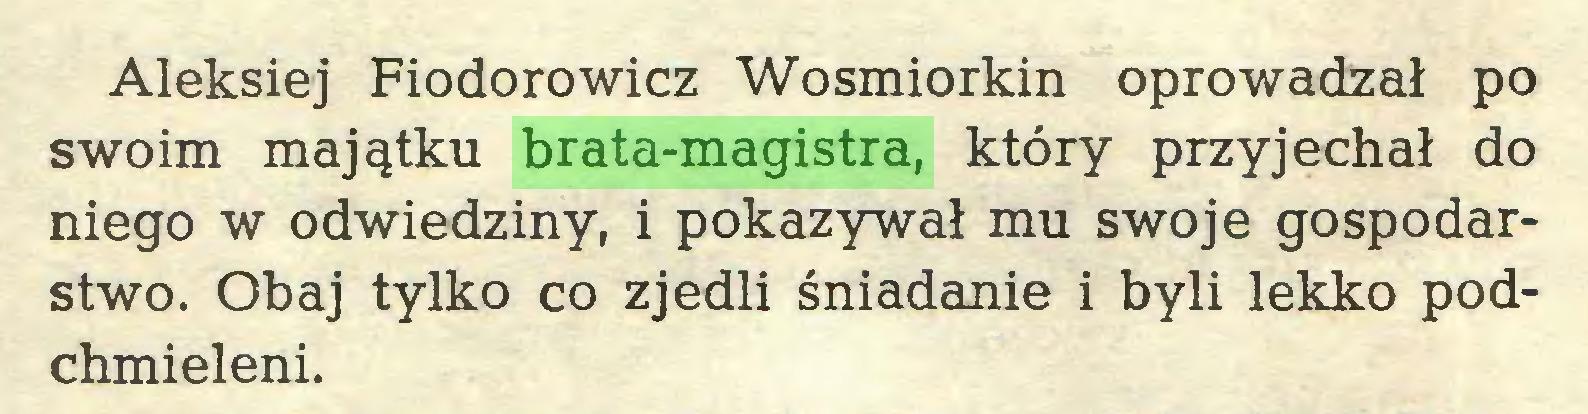 (...) Aleksiej Fiodorowicz Wosmiorkin oprowadzał po swoim majątku brata-magistra, który przyjechał do niego w odwiedziny, i pokazywał mu swoje gospodarstwo. Obaj tylko co zjedli śniadanie i byli lekko podchmieleni...